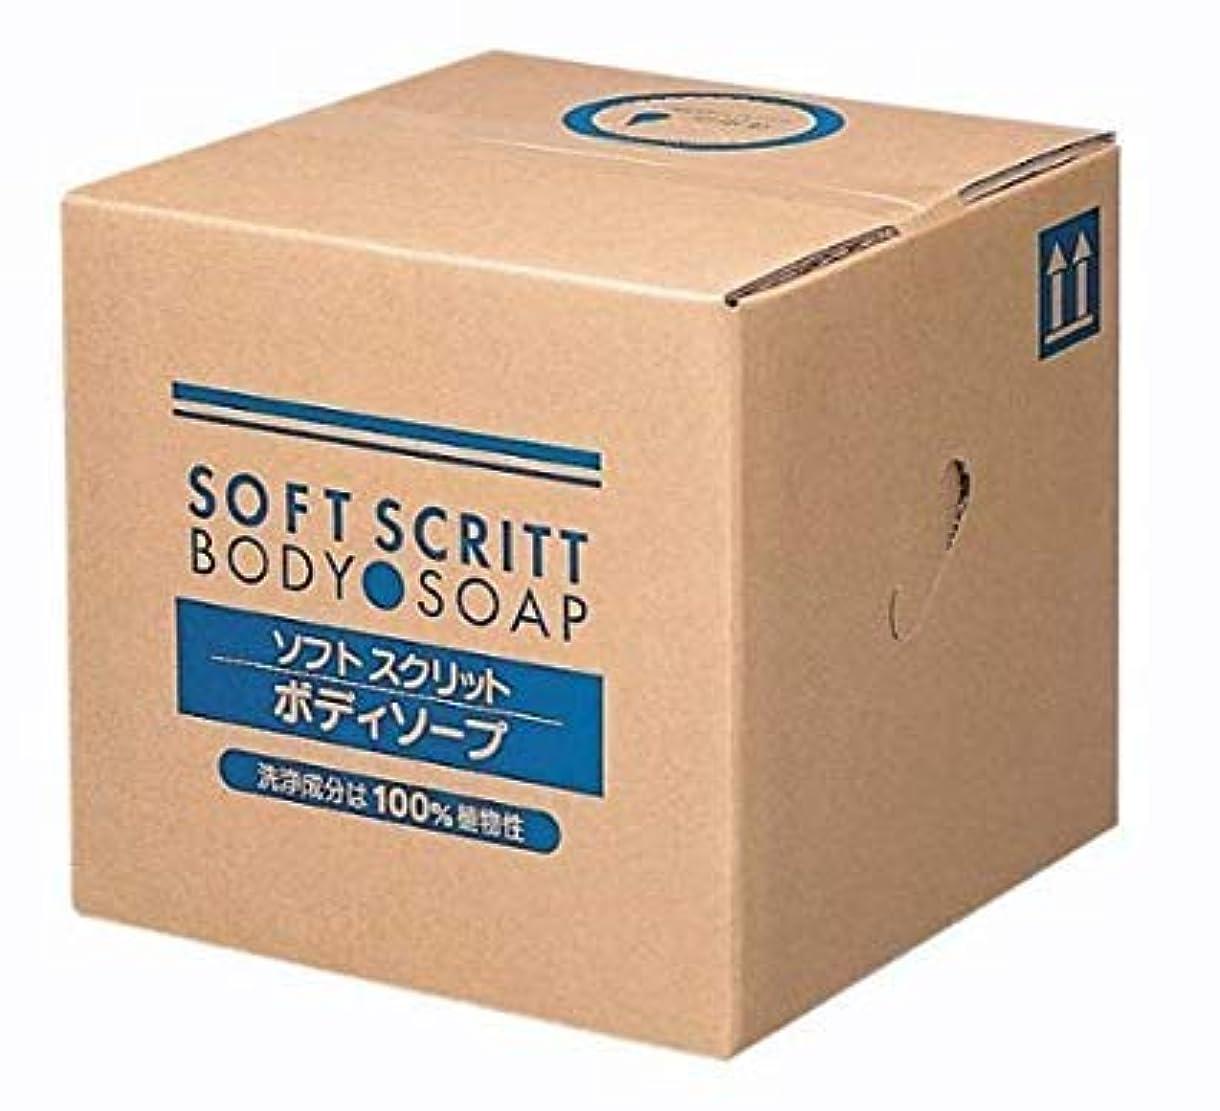 厚さ施しフォーマット業務用 SOFT SCRITT(ソフト スクリット) ボディソープ 18L 熊野油脂 コック無し